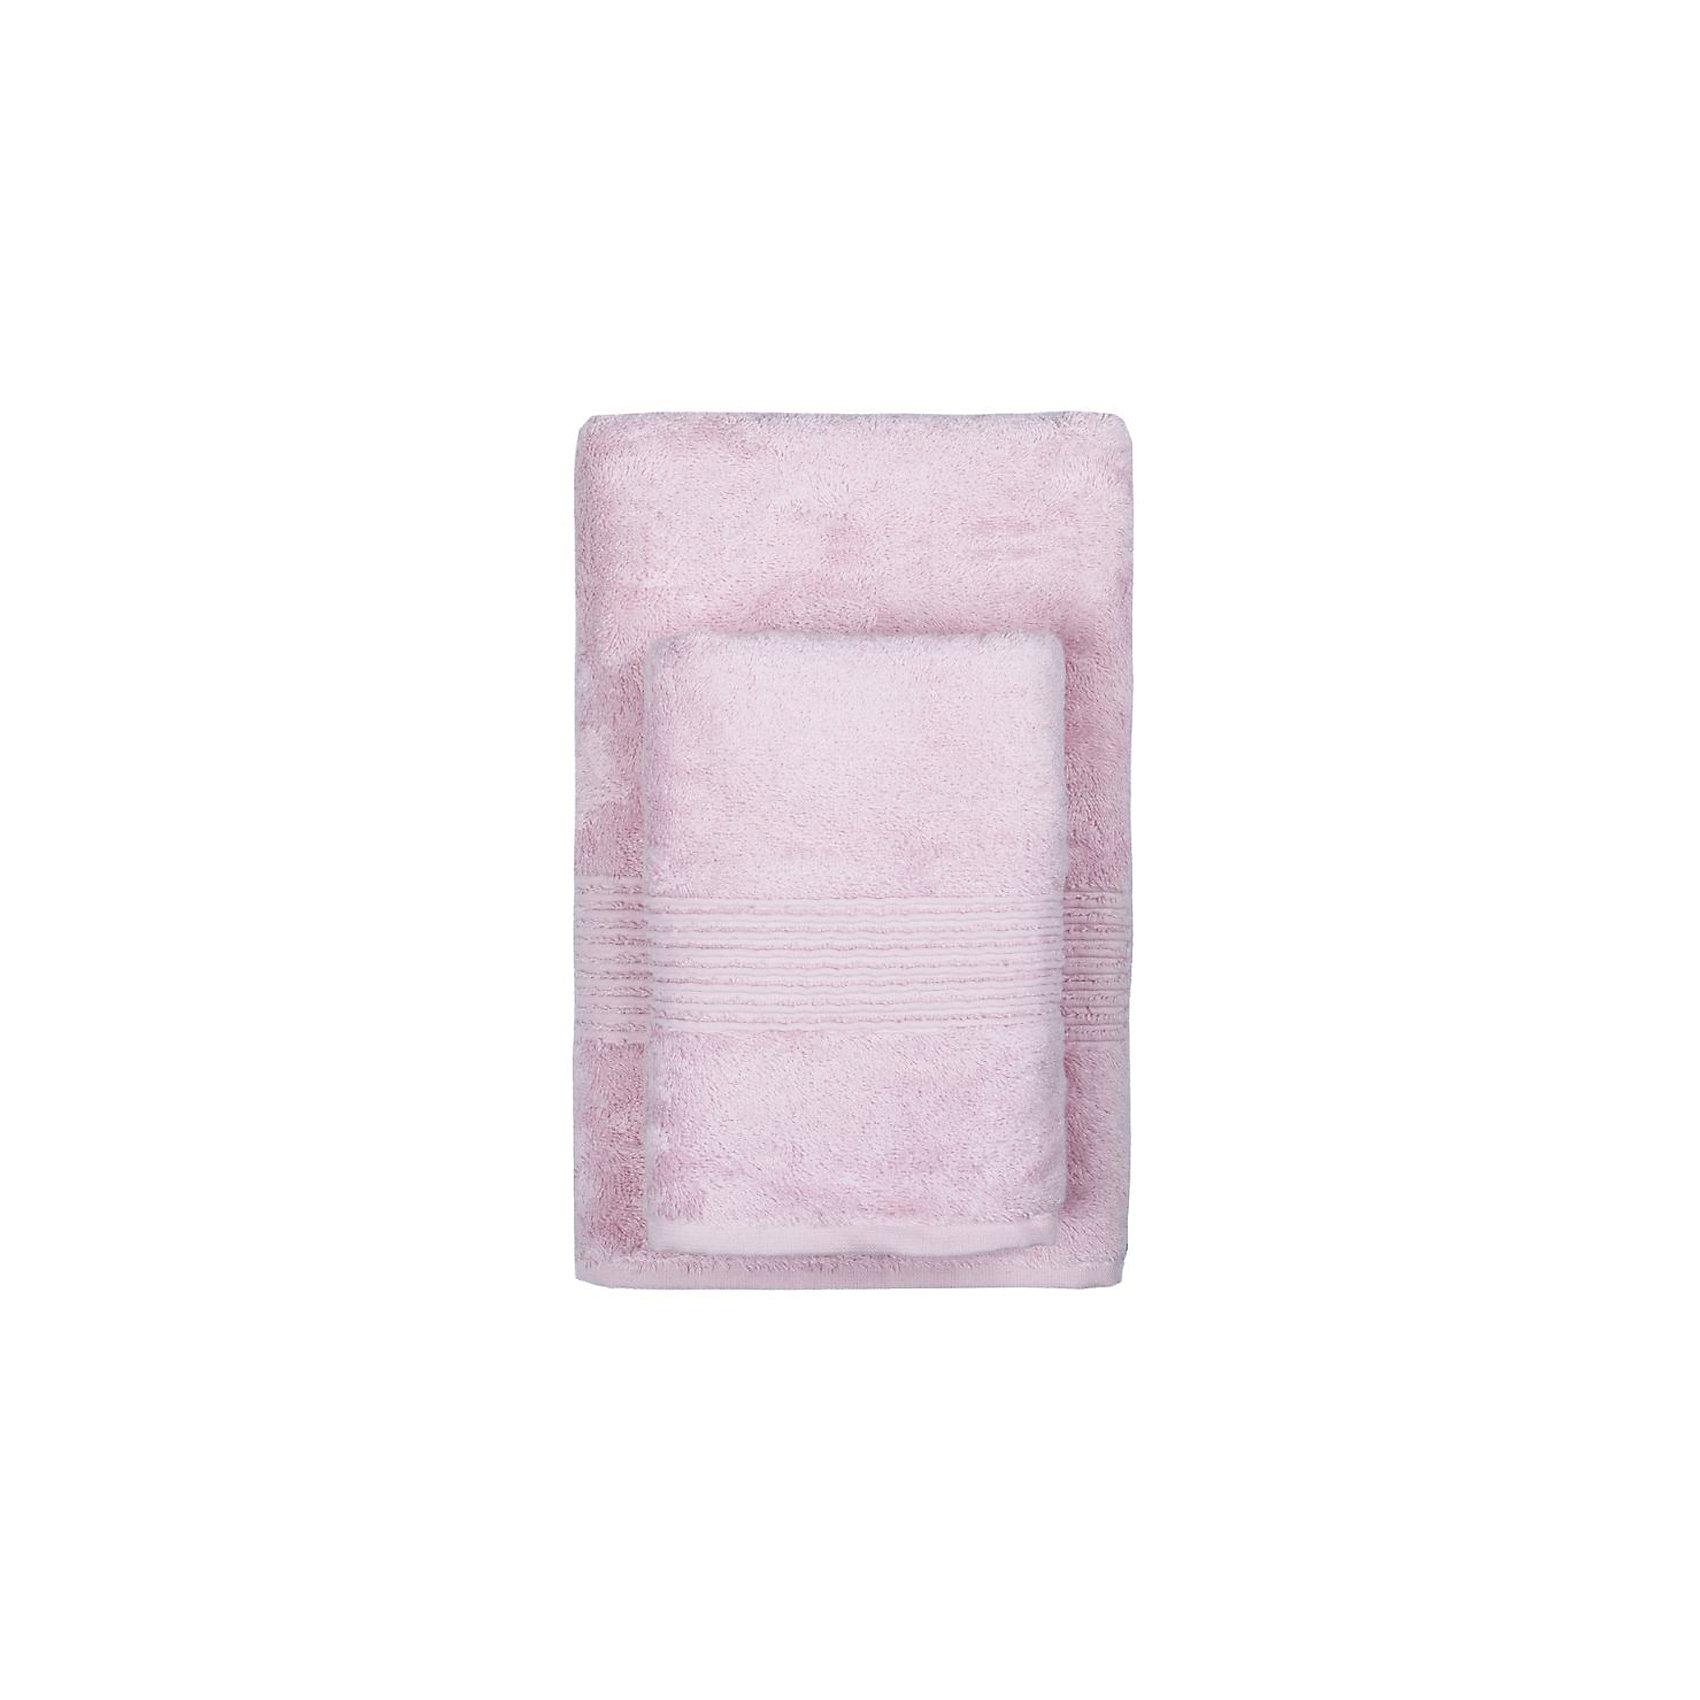 Полотенце махровое Maison Bambu, 50*90, TAC, розовый (pudra)Характеристики:<br><br>• Вид домашнего текстиля: махровое полотенце<br>• Размеры полотенца: 50*90 см<br>• Рисунок: без рисунка<br>• Декоративные элементы: бордюр<br>• Материал: хлопок, 50% хлопок; бамбук, 50%<br>• Цвет: розовый<br>• Плотность полотна: 550 гр/м2 <br>• Вес: 260 г<br>• Размеры упаковки (Д*Ш*В): 25*4*25 см<br>• Особенности ухода: машинная стирка <br><br>Полотенце махровое Maison Bambu, 50*90, TAC, розовый (pudra) от наиболее популярного бренда на отечественном рынке среди производителей комплектов постельного белья и текстильных принадлежностей, выпуском которого занимается производственная компания, являющаяся частью мирового холдинга Zorlu Holding Textiles Group. Полотенце выполнено из сочетания натурального хлопка и бамбукового волокна, что обеспечивает гипоаллергенность, высокую износоустойчивость, повышенные гигкоскопические и антибактериальные свойства изделия. <br><br>Благодаря высокой степени плотности махры, полотенце отлично впитывает влагу, но при этом остается мягким. Ворс окрашен стойкими нетоксичными красителями, который не оставляет запаха и обеспечивает ровный окрас. Полотенце сохраняет свой цвет и форму даже при частых стирках. Выполнено в розовом цвете без рисунка, декорировано бордюром.<br><br>Полотенце махровое Maison Bambu, 50*90, TAC, розовый (pudra) можно купить в нашем интернет-магазине.<br><br>Ширина мм: 250<br>Глубина мм: 30<br>Высота мм: 230<br>Вес г: 300<br>Возраст от месяцев: 216<br>Возраст до месяцев: 1188<br>Пол: Унисекс<br>Возраст: Детский<br>SKU: 5476341